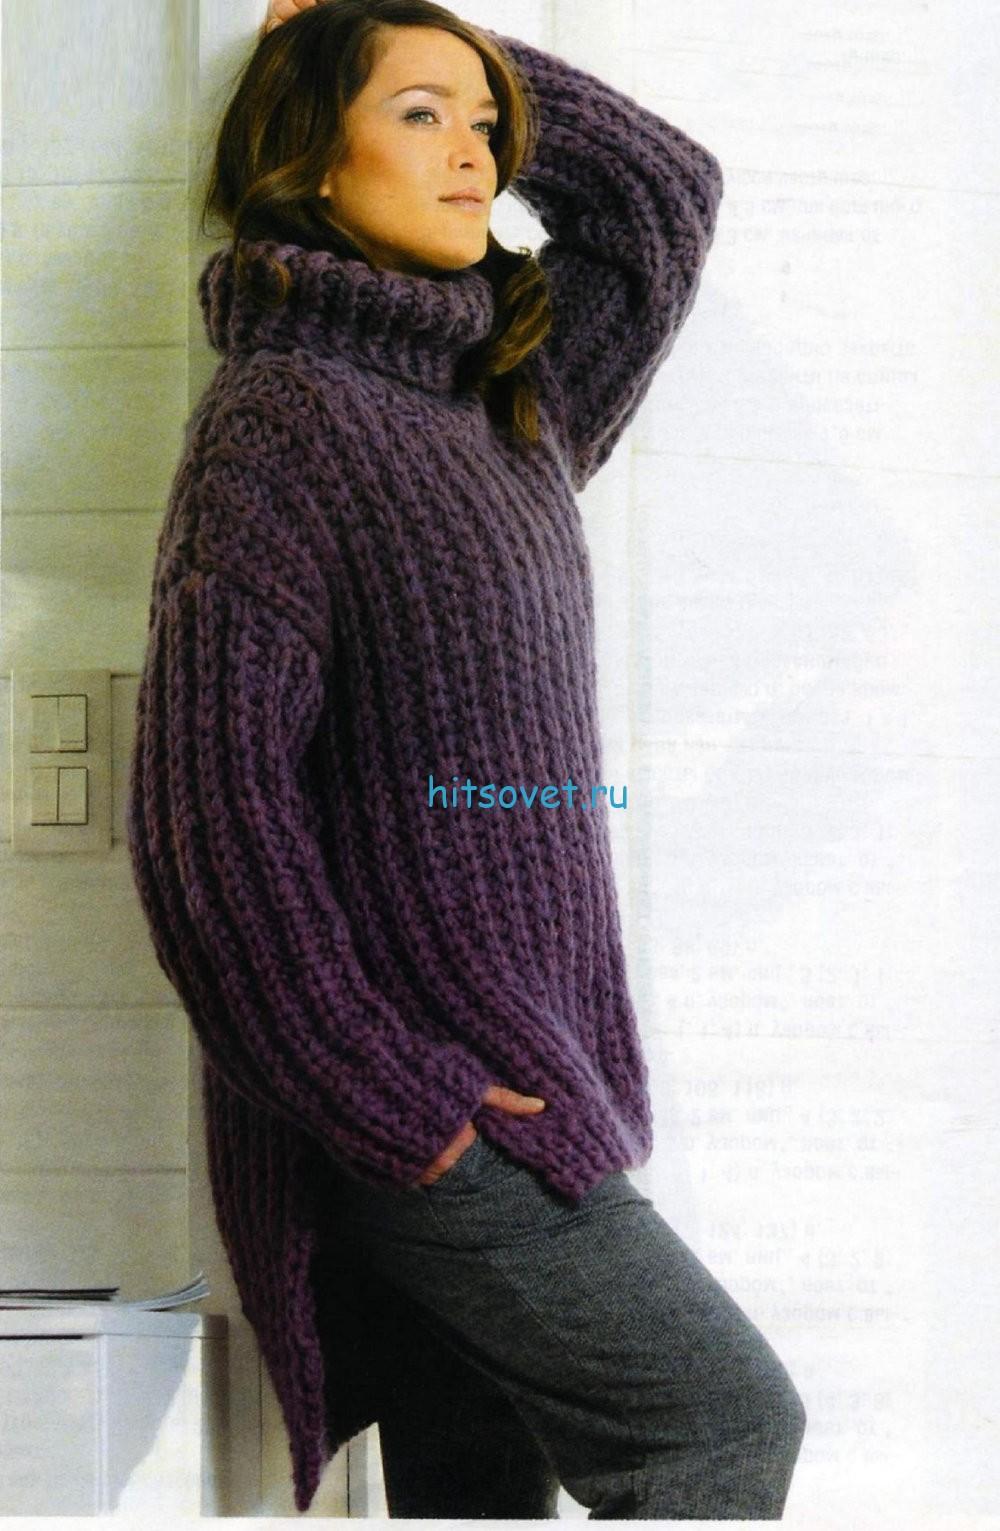 Вязание свитера толстыми спицами, фото.